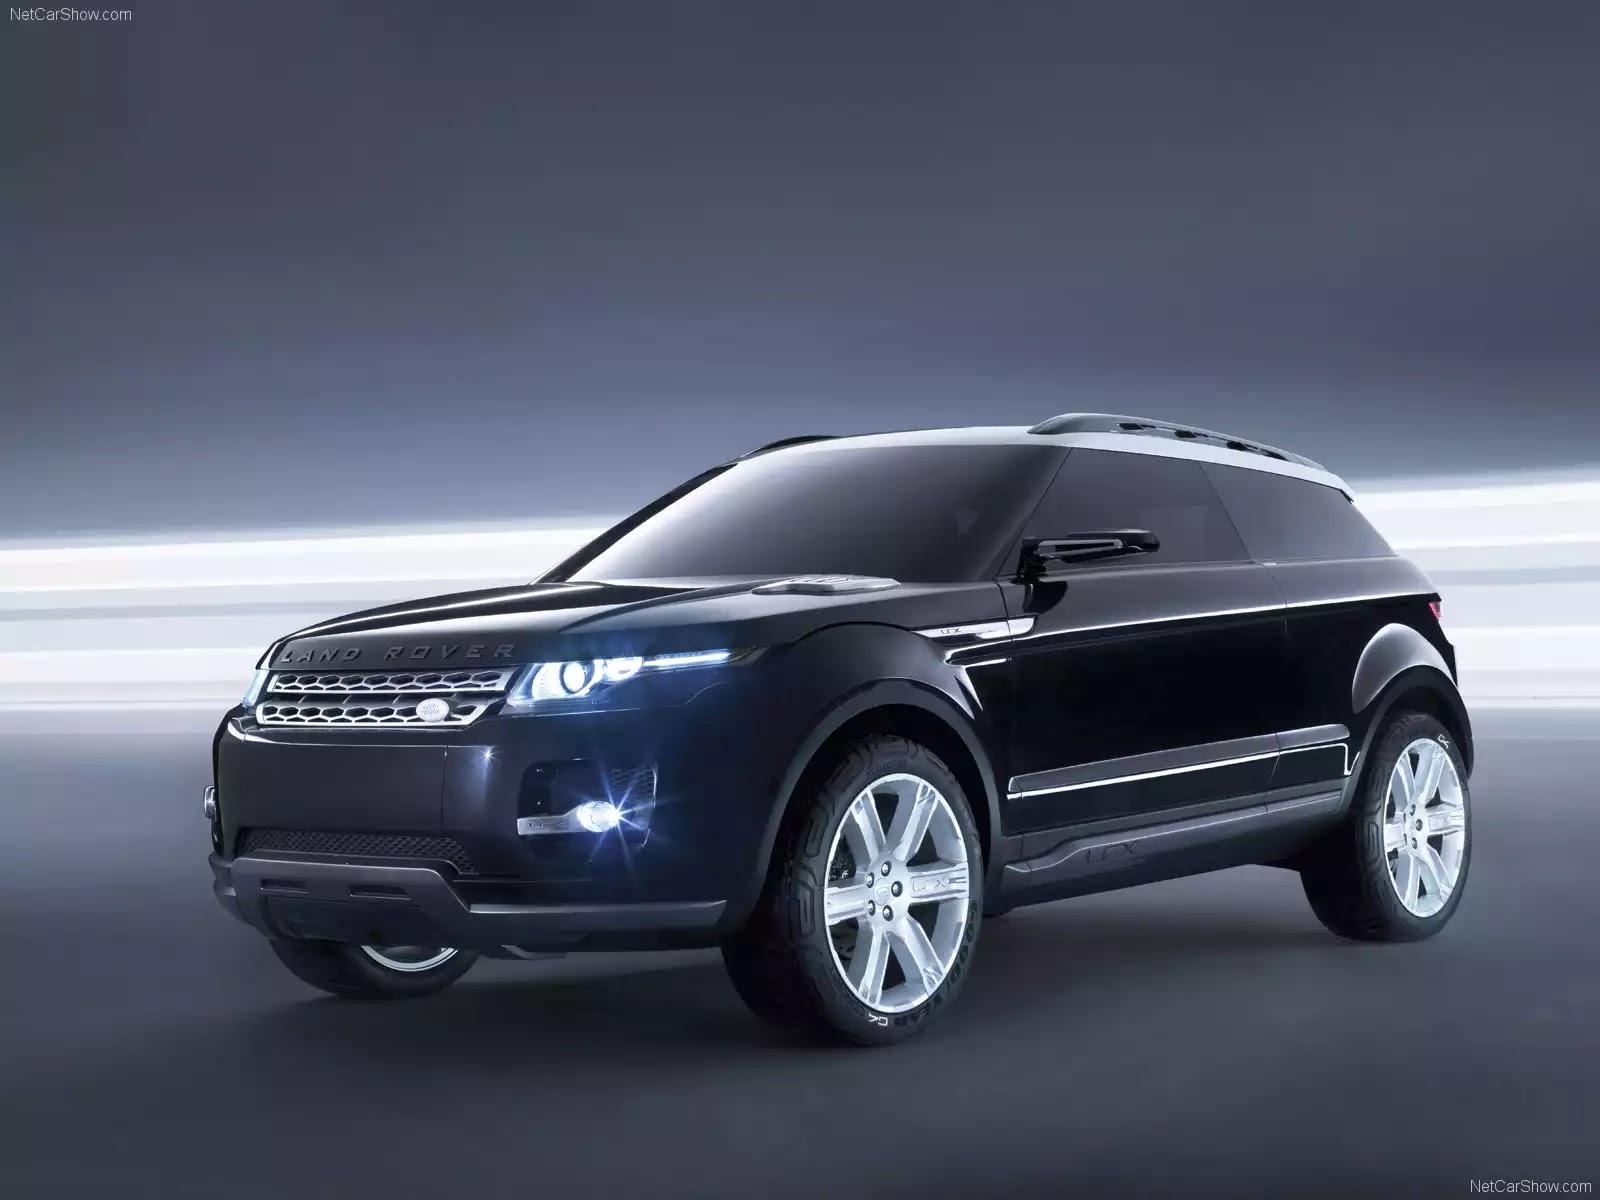 Hình ảnh xe ô tô Land Rover LRX Geneva Concept 2008 & nội ngoại thất